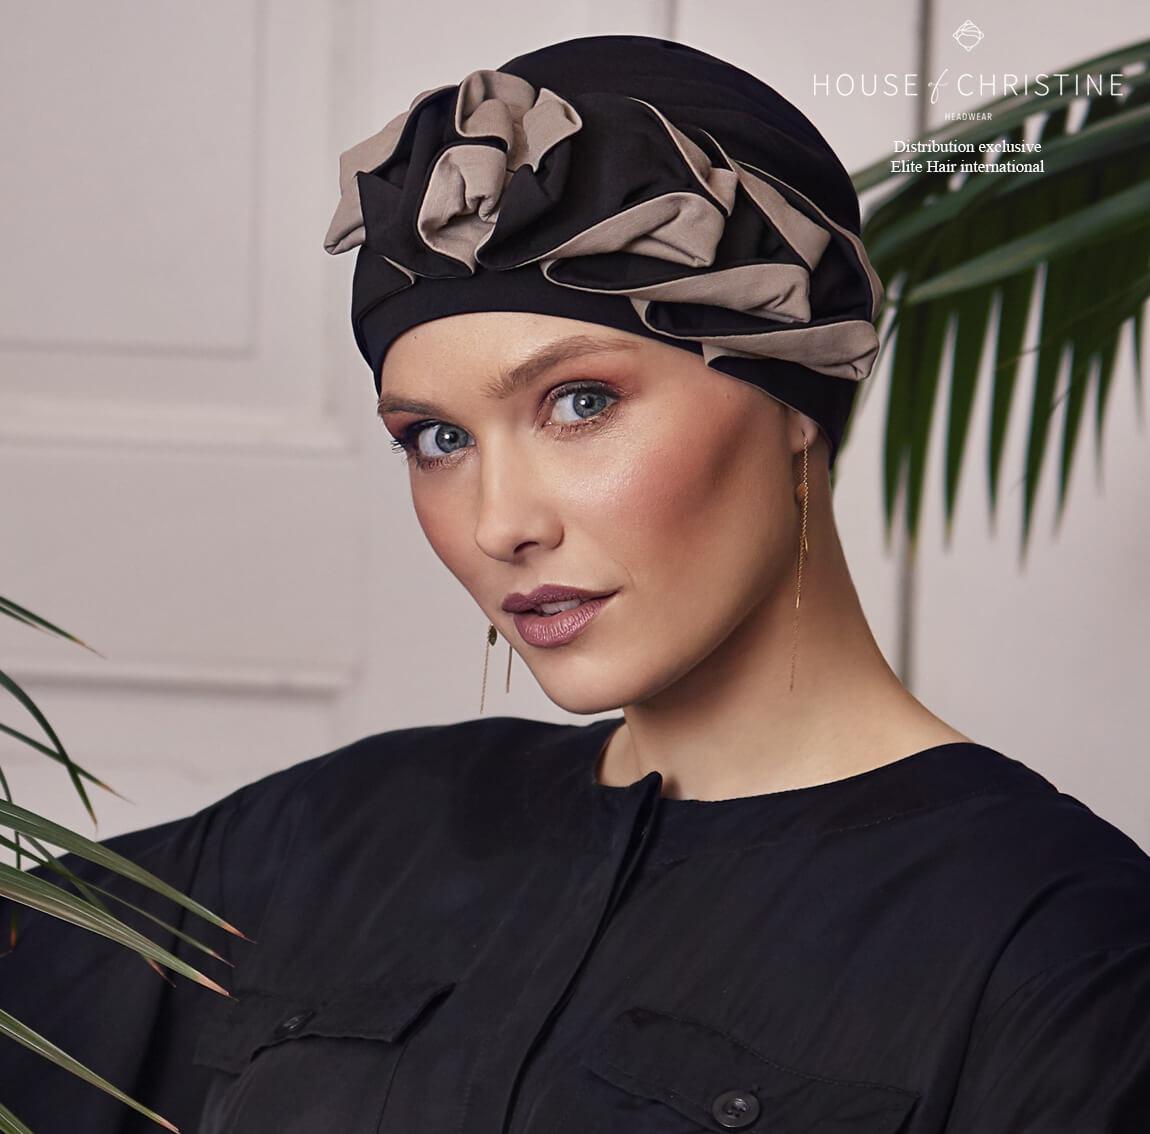 bonnet chimio, bonnet cancer, bonnet fashion coton, fashion coton, coton, coton supima, christine headwear, athena